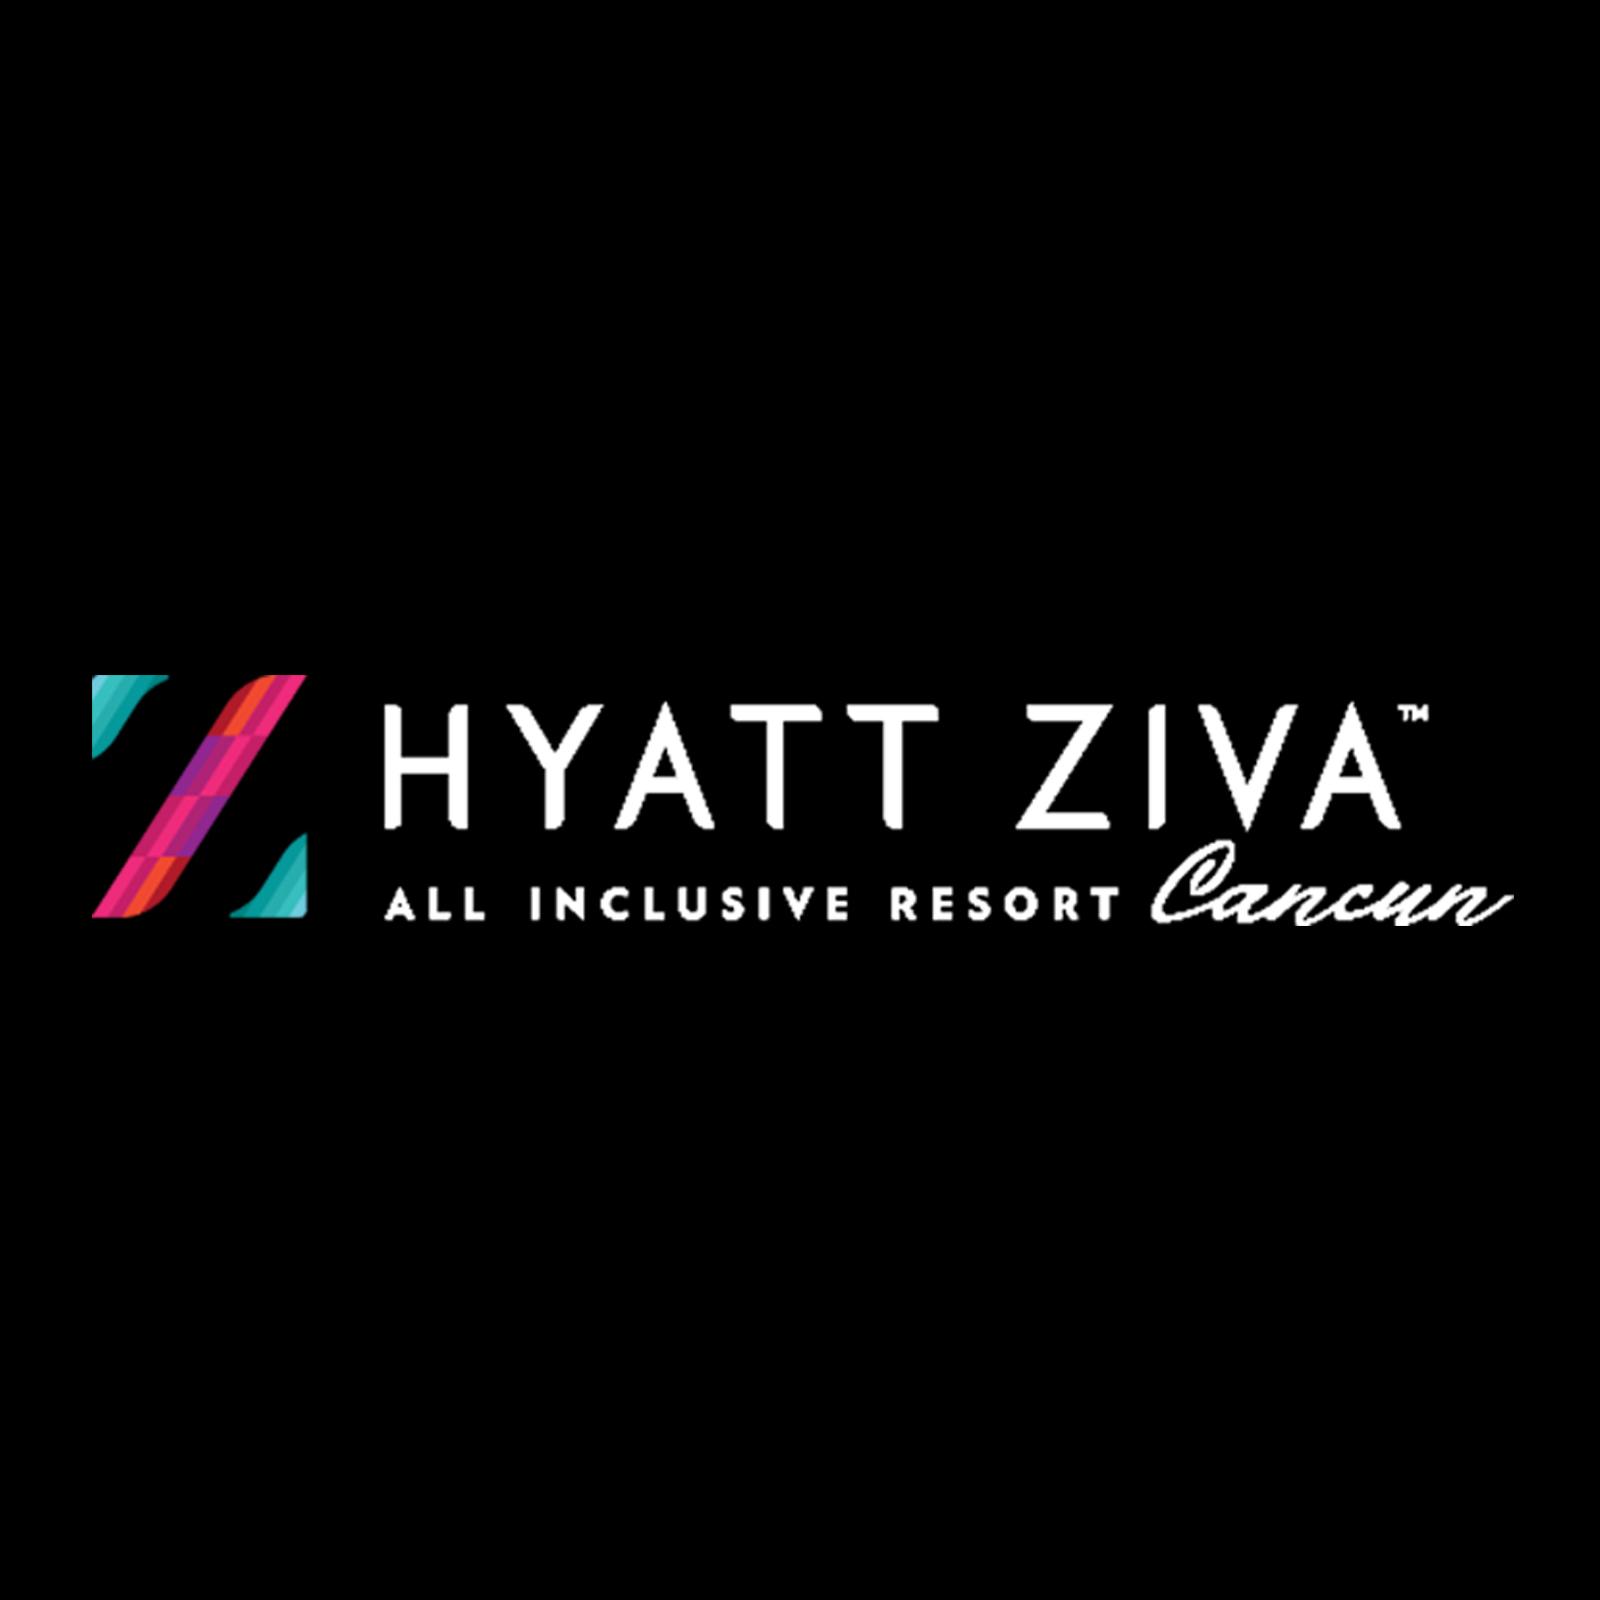 HyattZiva